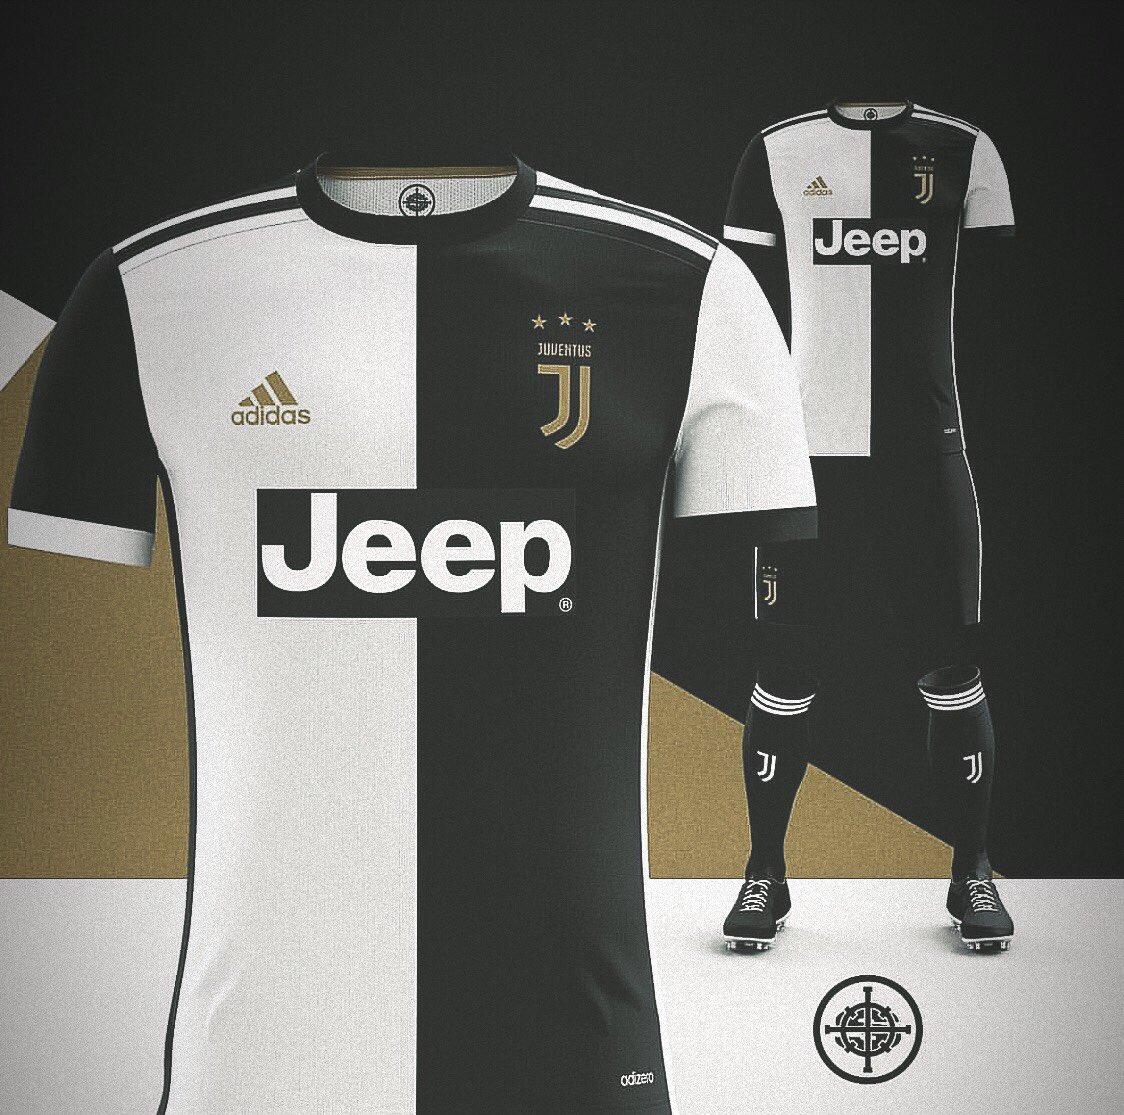 Óriási balhé a Juventusnál az új mez miatt - fotó » NEMZETKÖZI FOCI ... 2e6de593b9